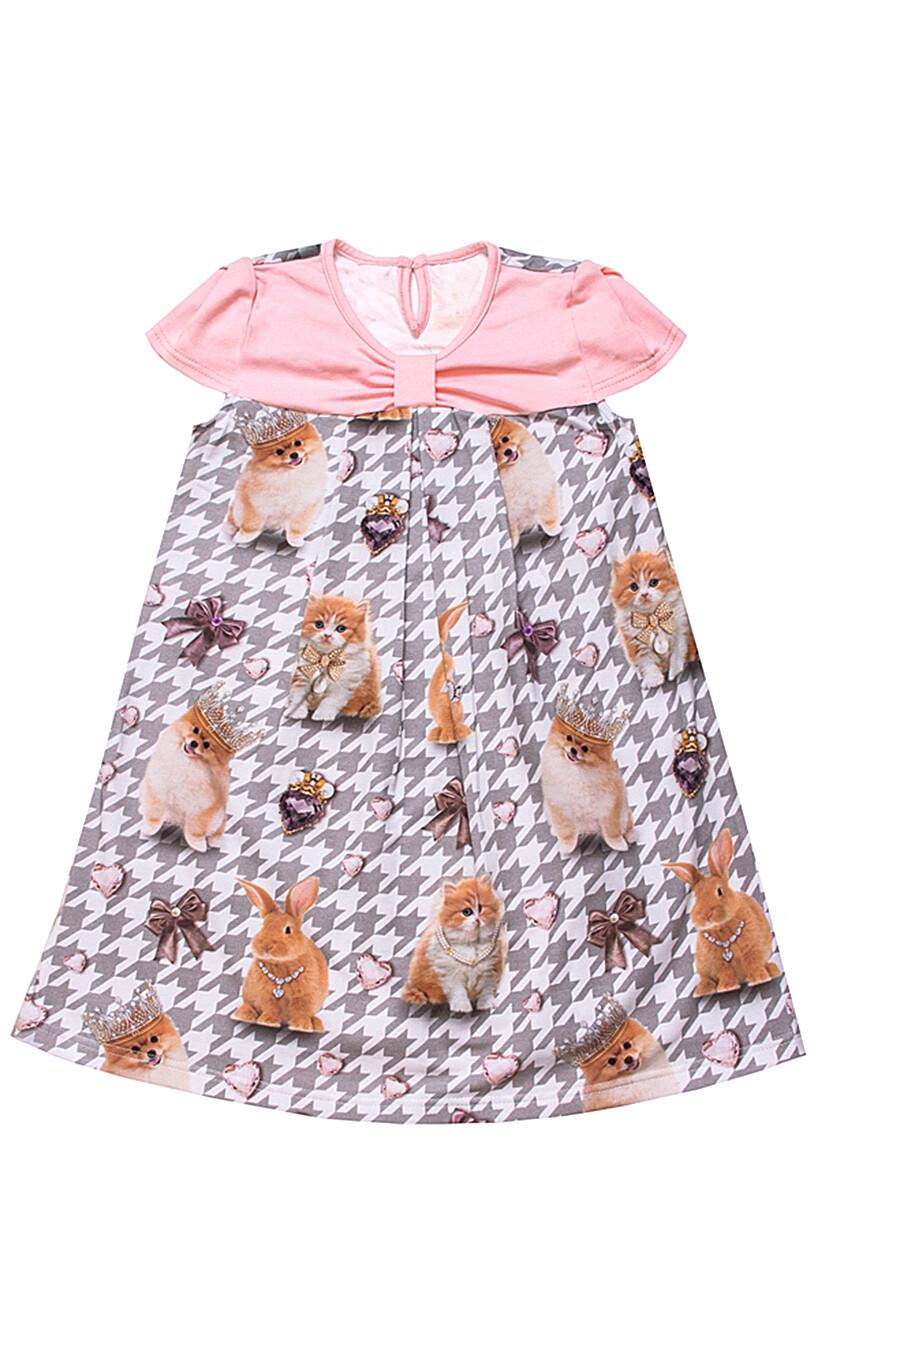 Платье для девочек АПРЕЛЬ 700380 купить оптом от производителя. Совместная покупка детской одежды в OptMoyo